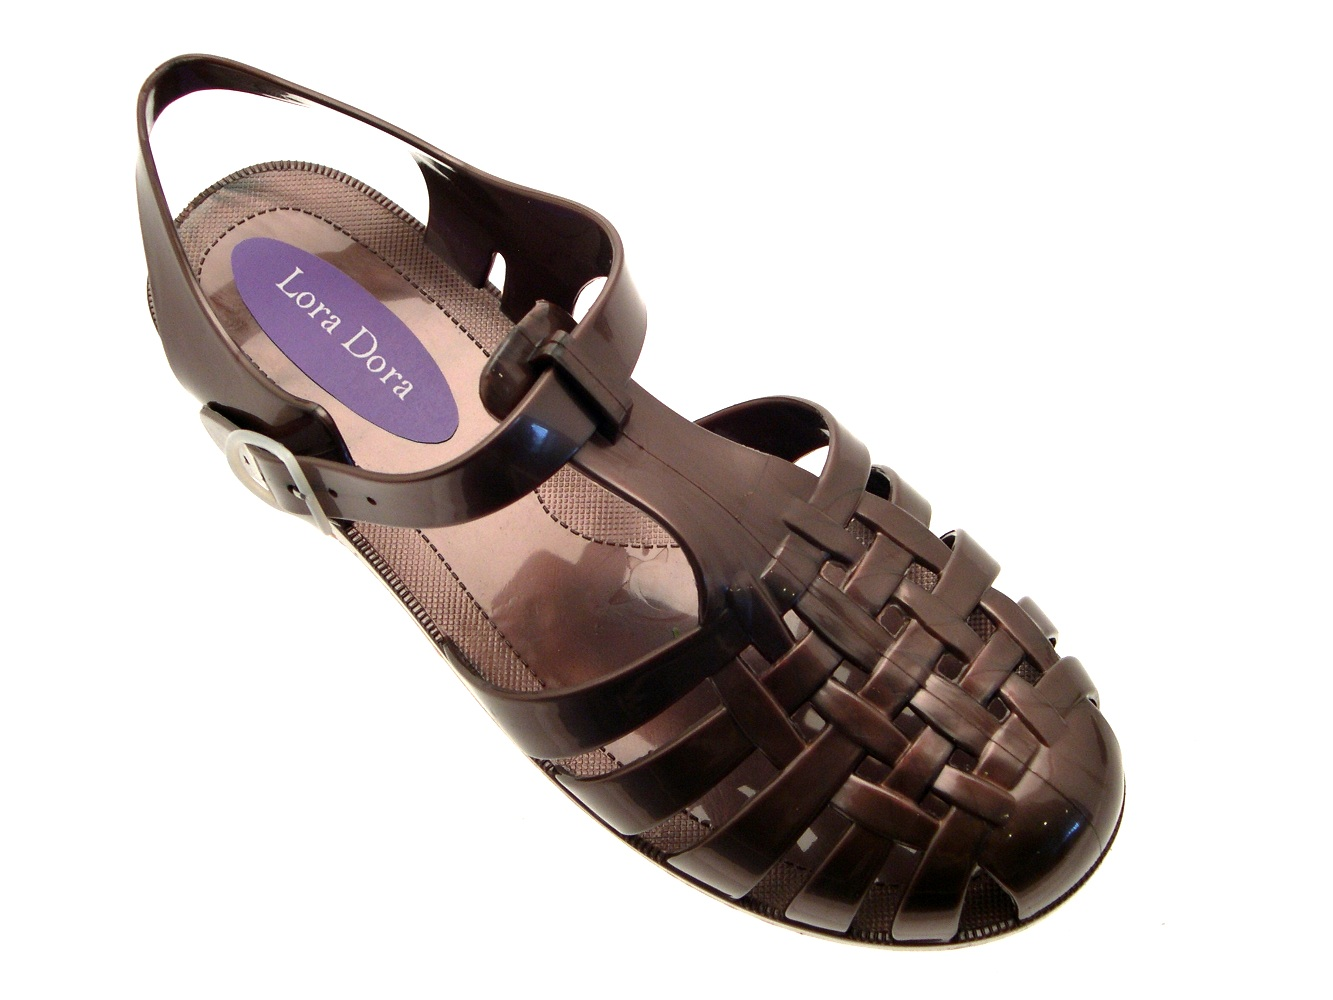 Para Mujer Jelly Cortar Sandalias Damas Plana jaleas Verano Playa Zapatos Talla Uk 3-8